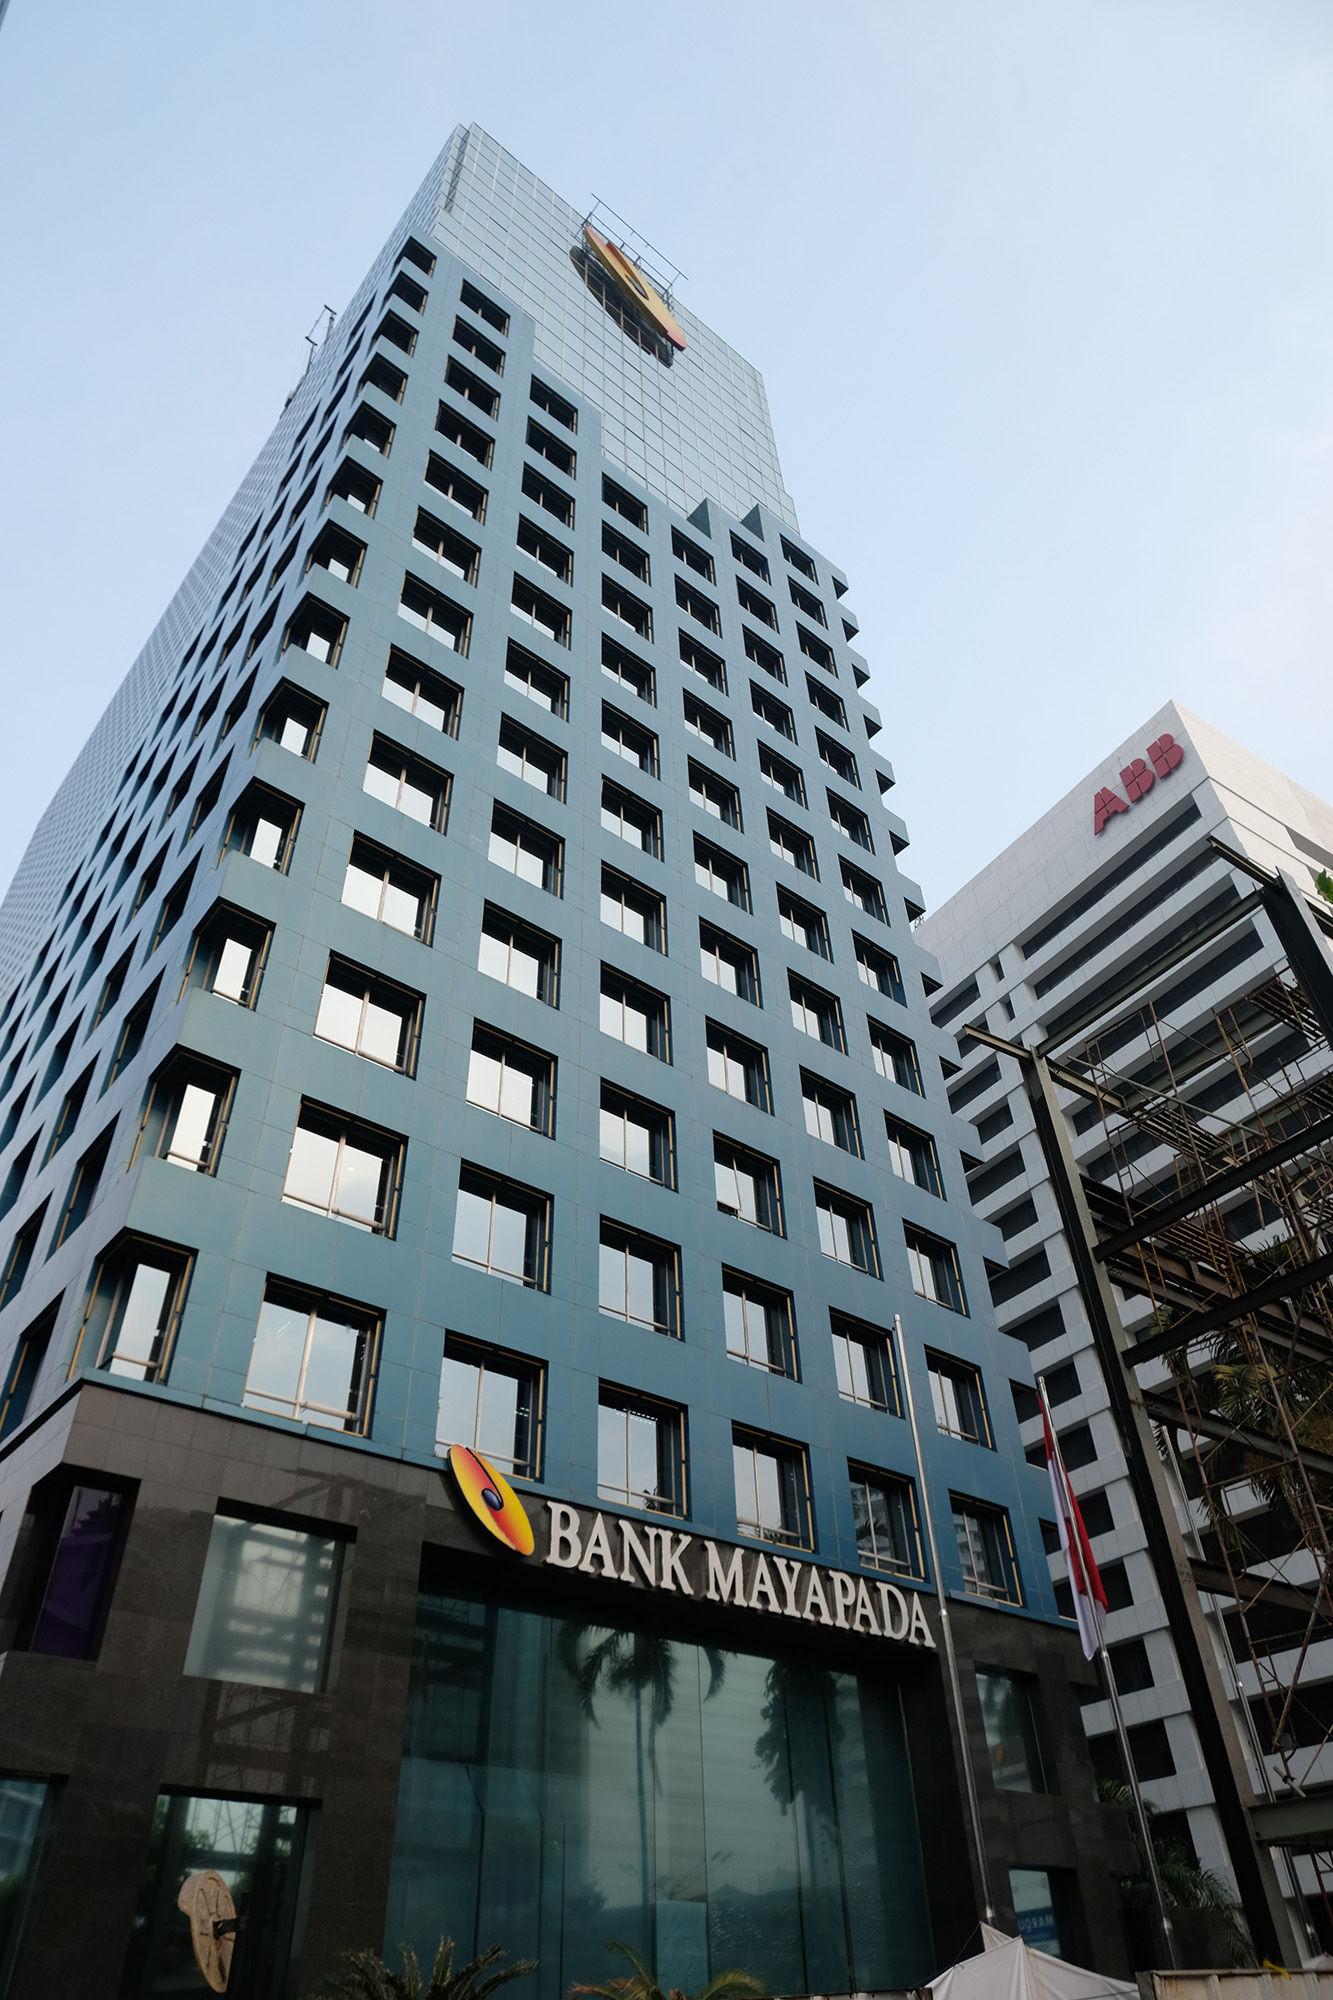 Era Digitalisasi, Bank Mayapada Rogoh Capex Rp200 Miliar untuk IT Tahun Ini